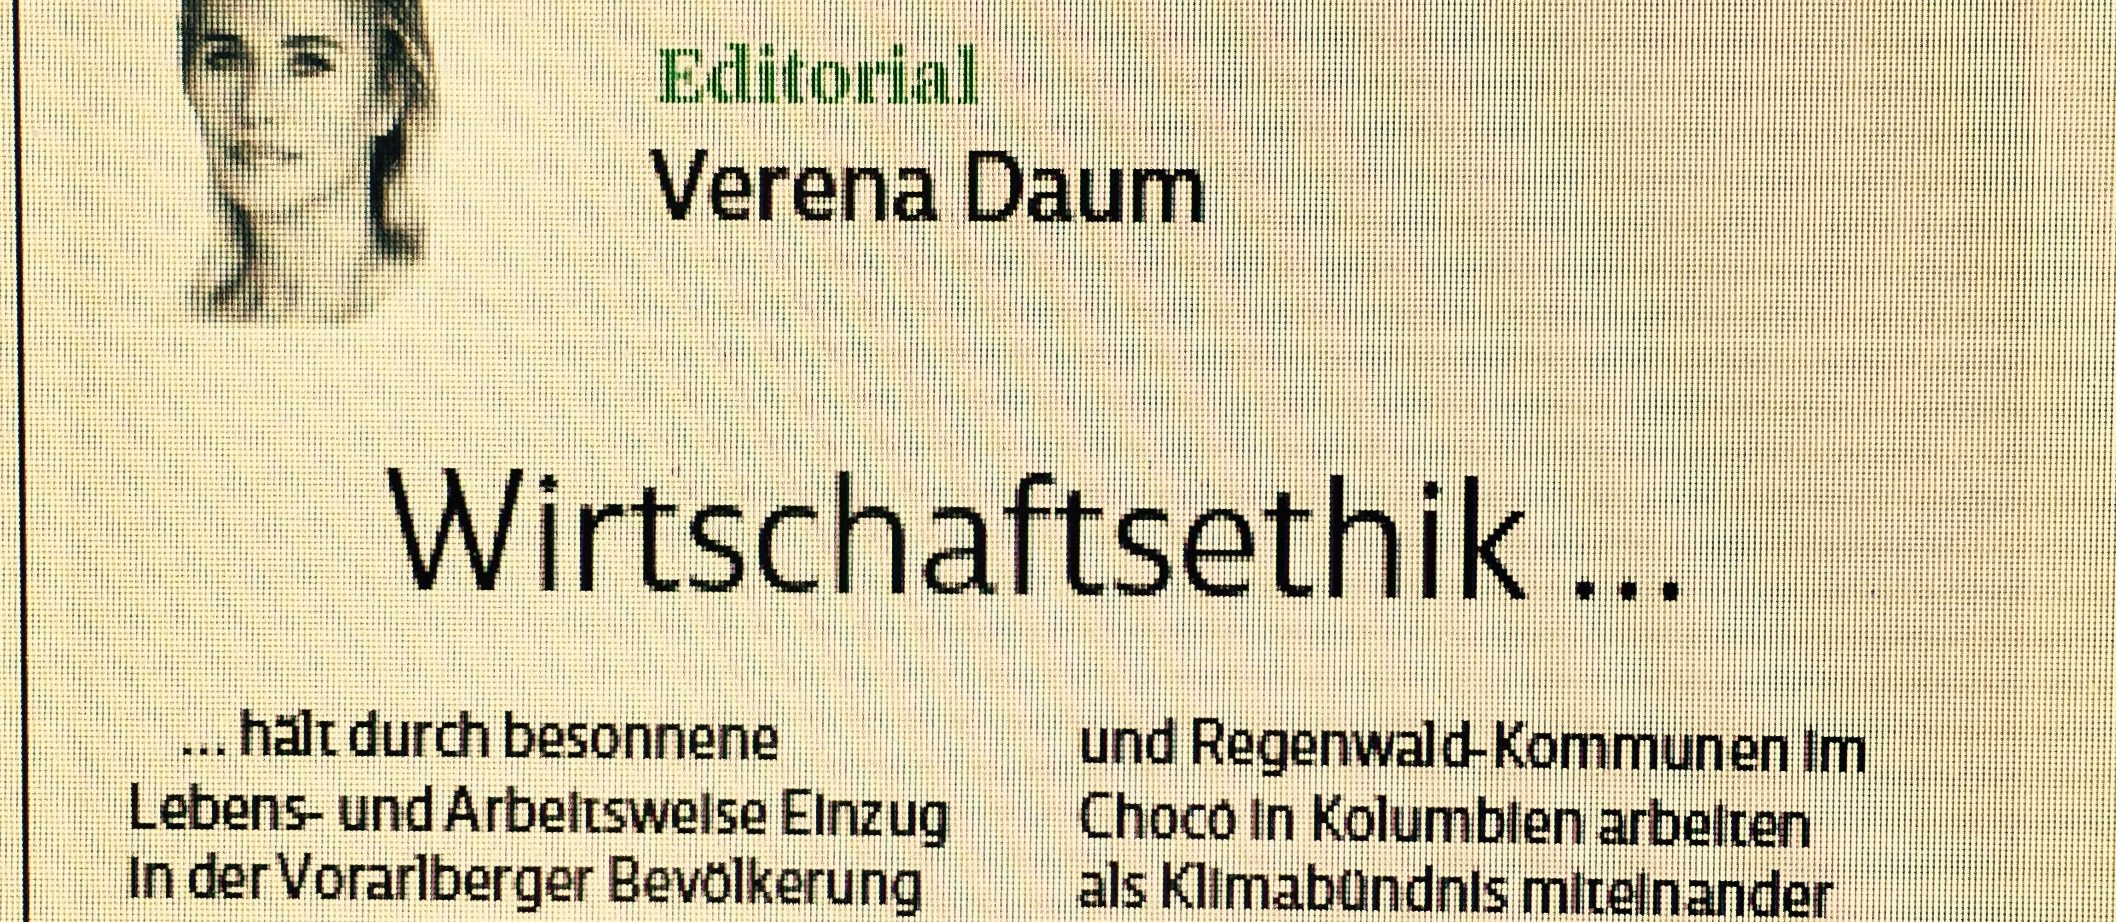 Verena Daum, Editorial Vorarlberger Nachrichten: Wirtschaftsethik - es wächst eine regional-globale Bewegung, die mit Ideen, Initiativen und Innovationen an die Wurzel des Übels geht, sich dem Leben zuwendet, Leistungszwang hinterfragt und kritische Verbraucher hervorbringt. Verena Daum (Garden Eden Organisation), www.progression.at